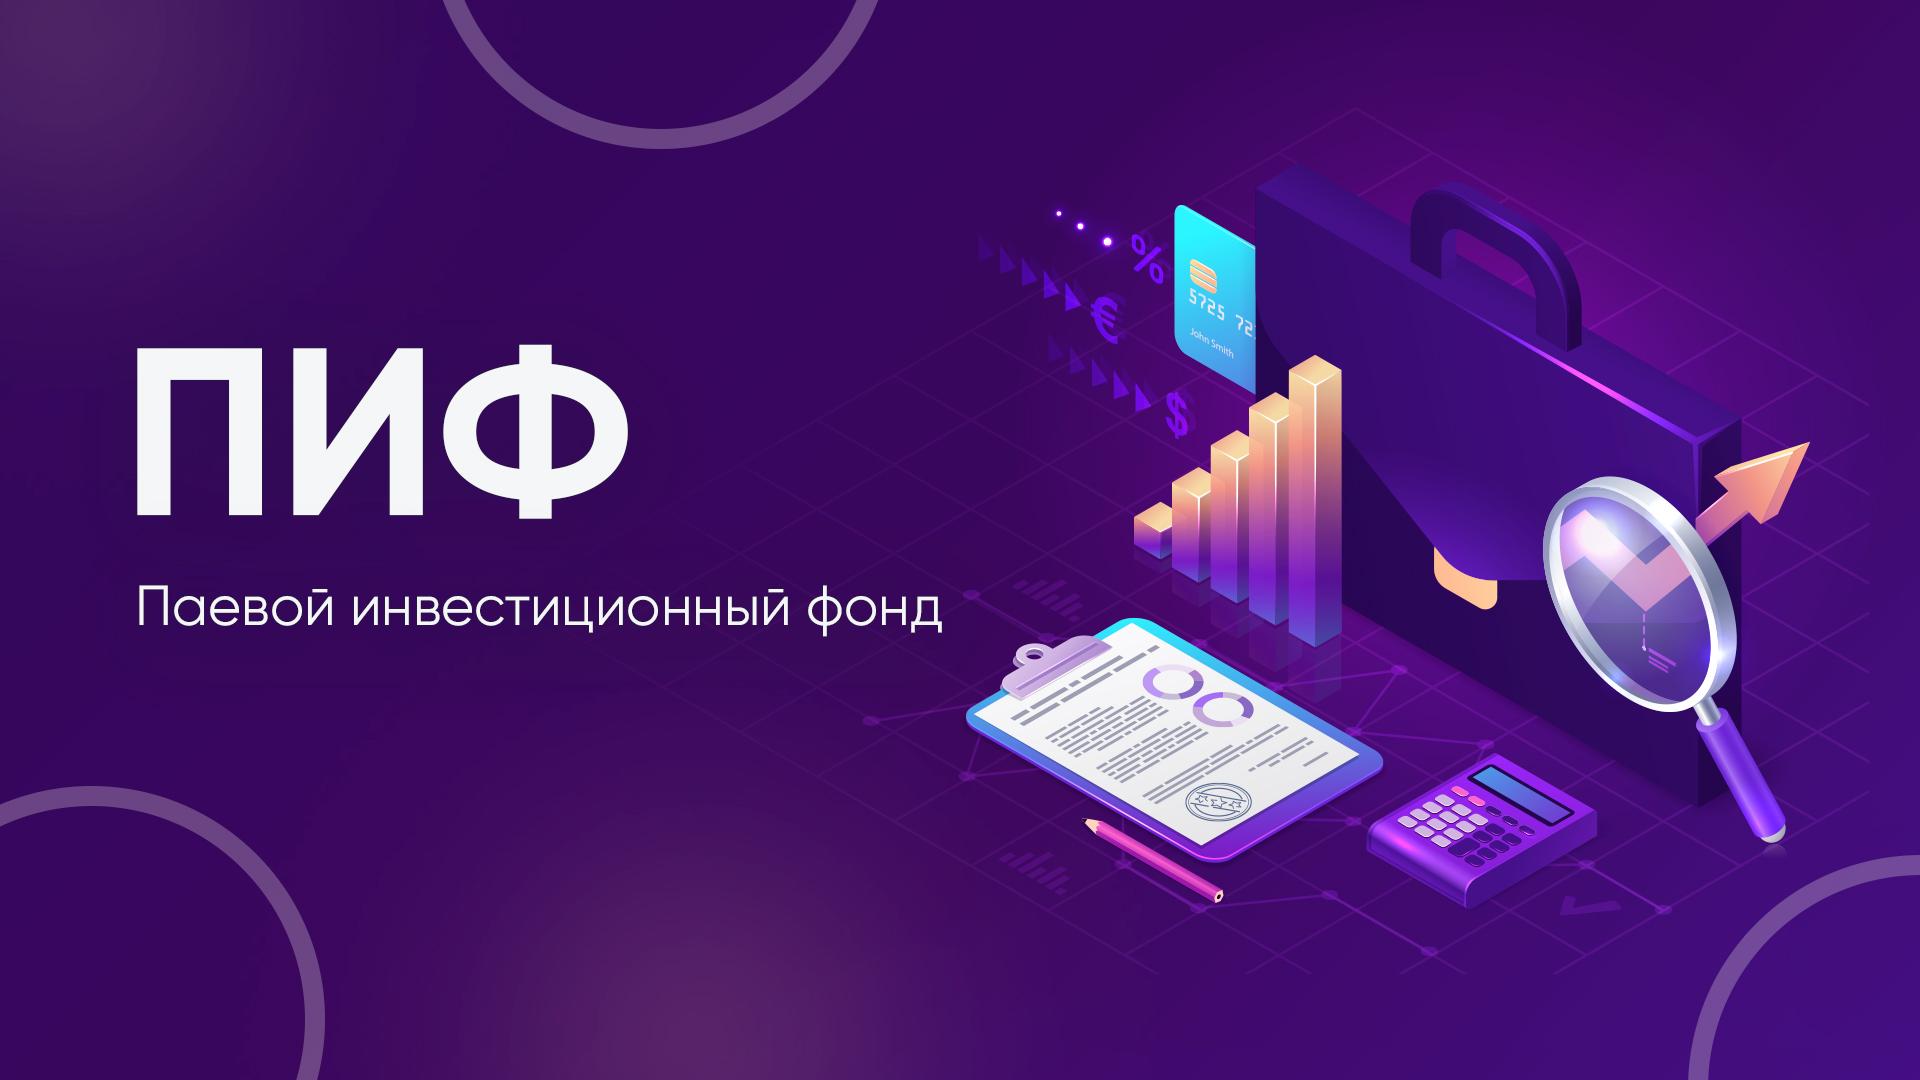 ПИФ. Паевой инвестиционный фонд